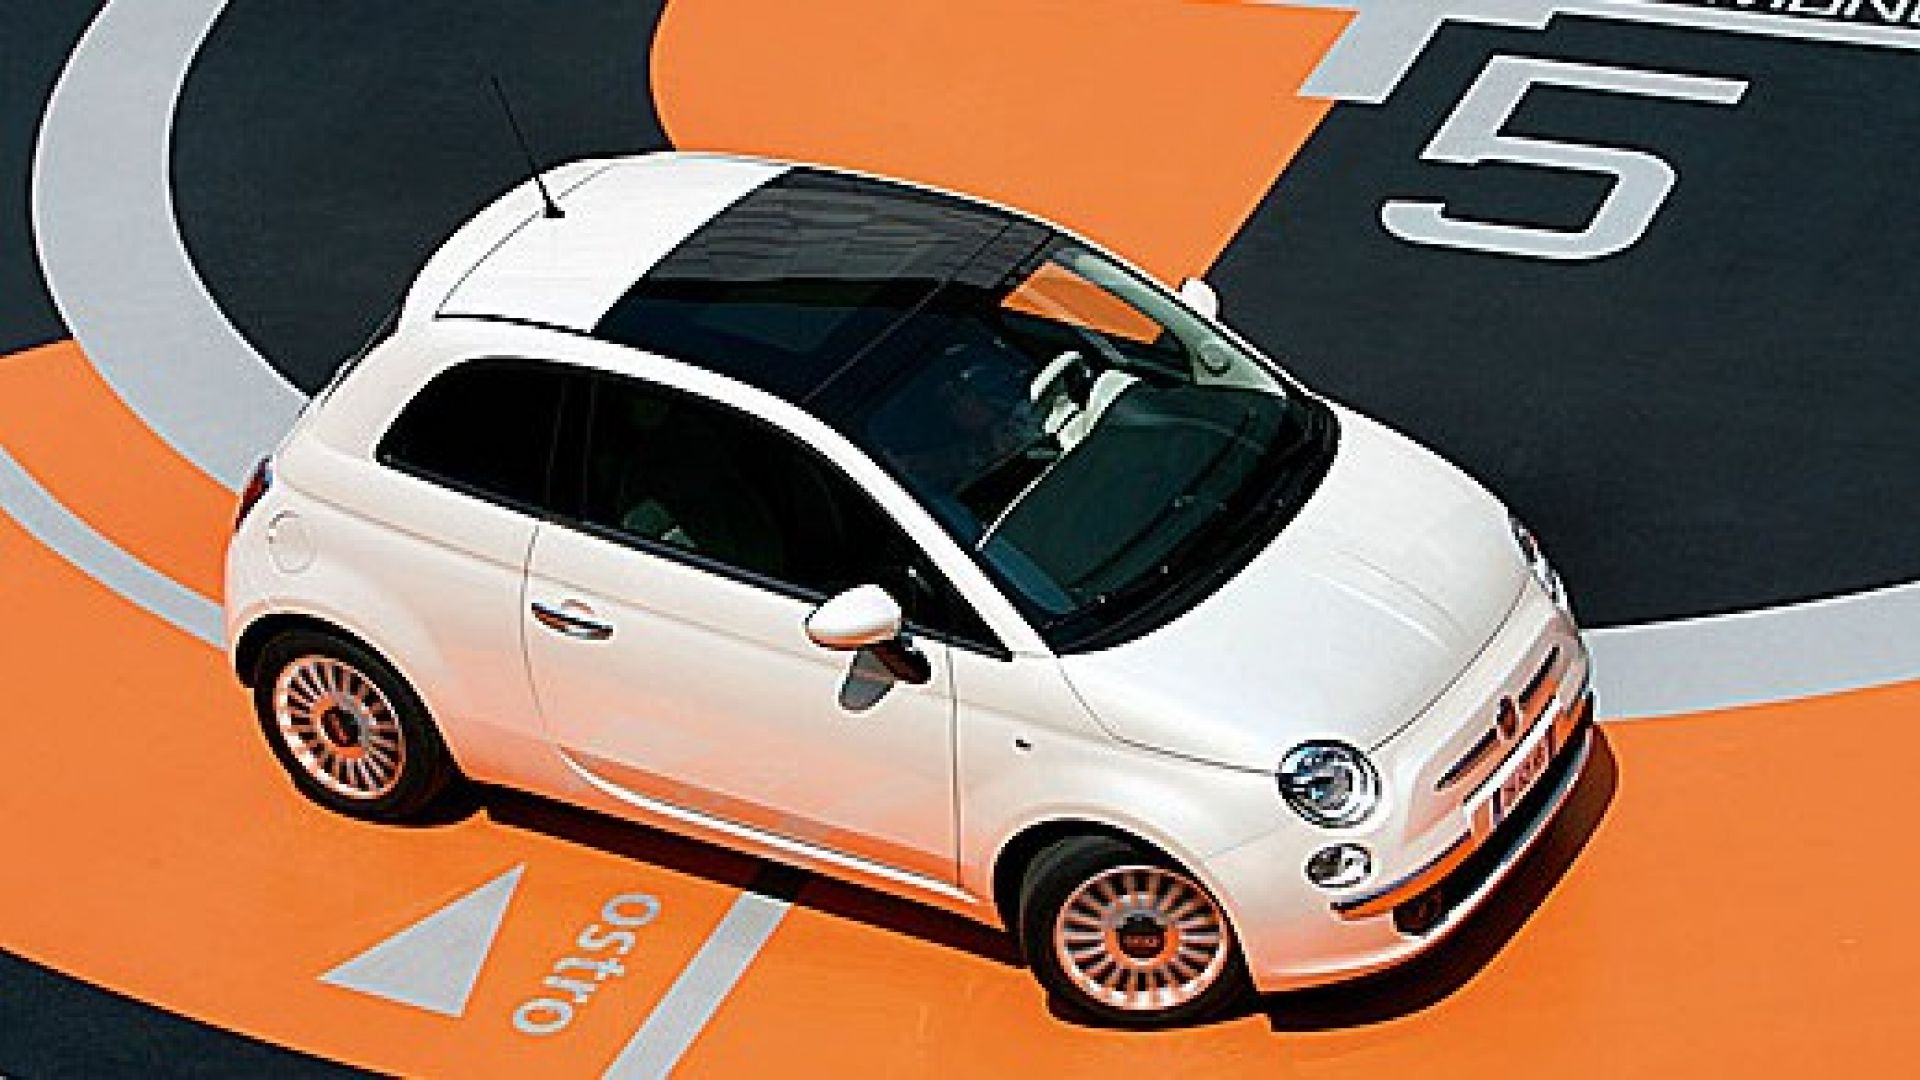 Immagine 33: Le auto più affidabili secondo l'ADAC